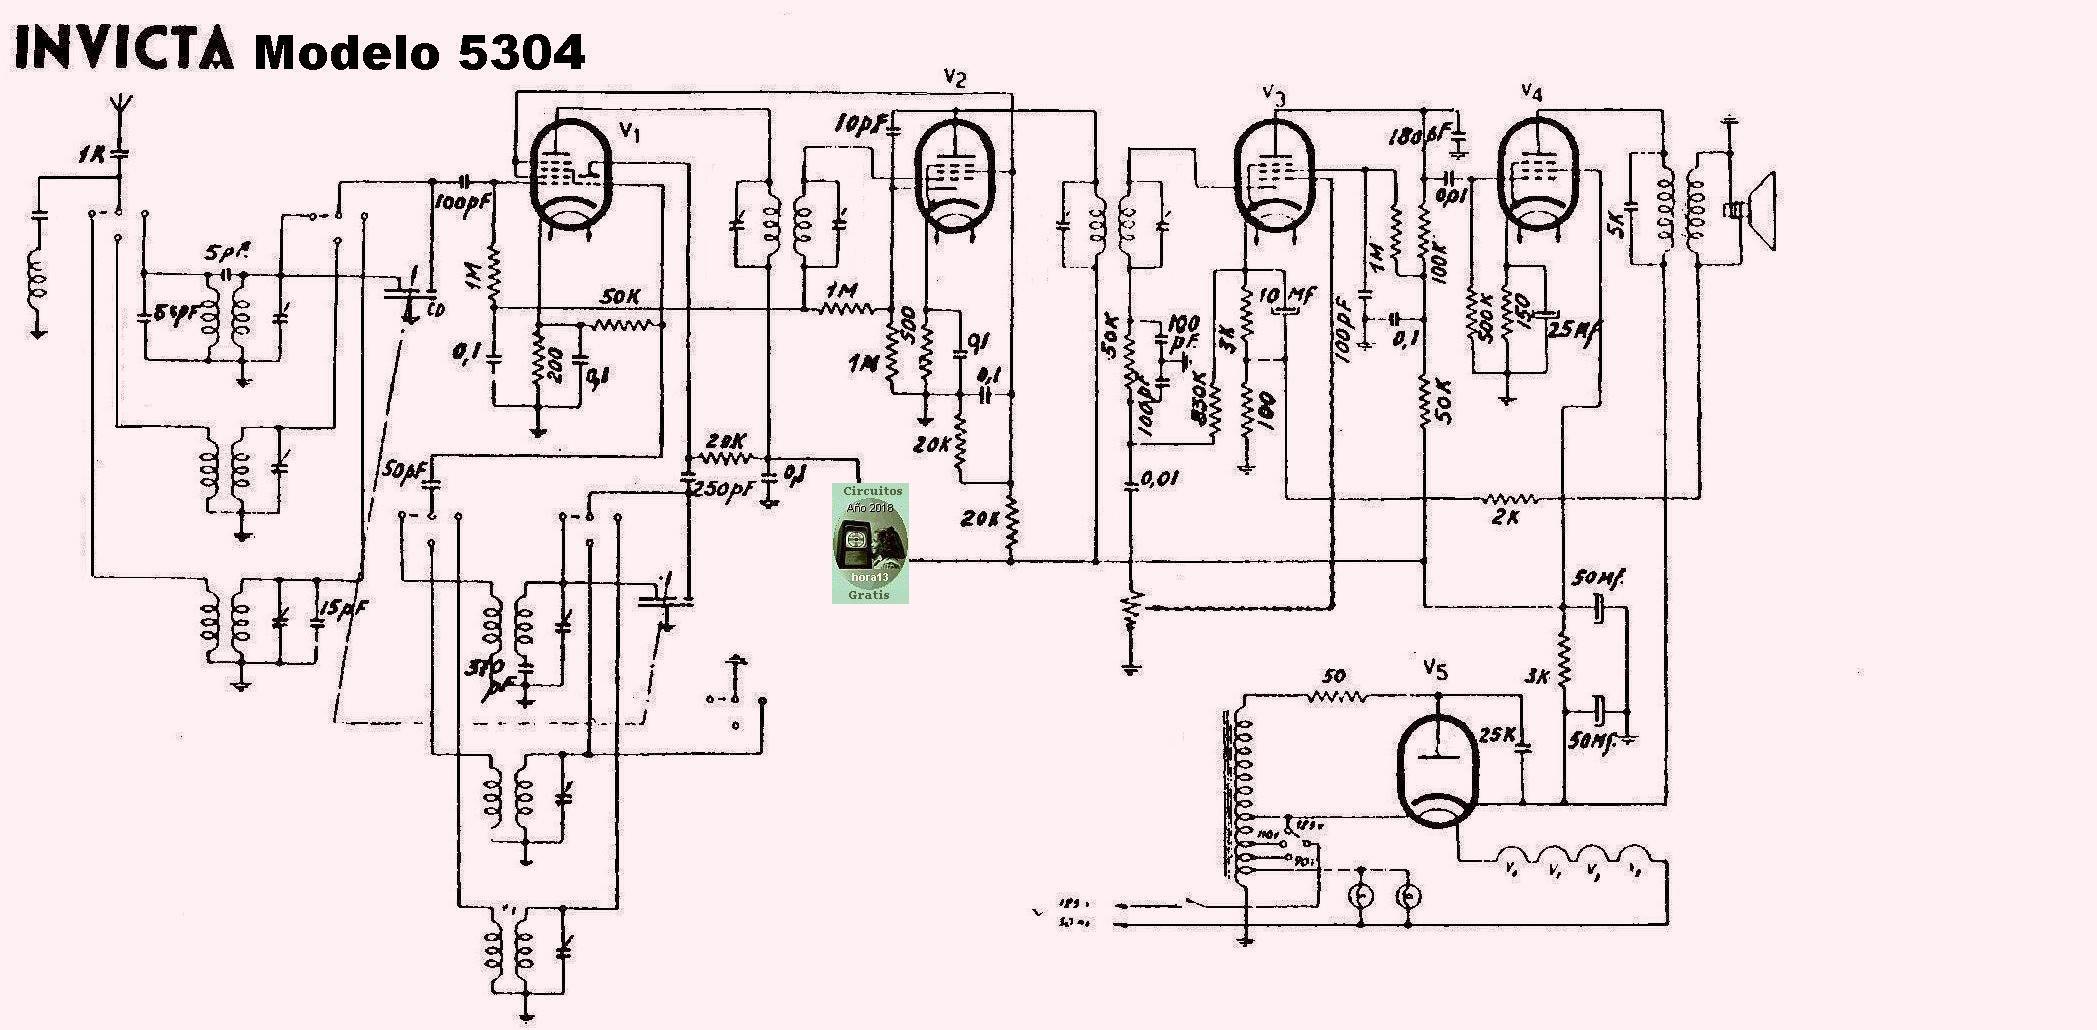 circuitos   radios   tocadiscos   amplificadores   transmisores   valvulas  transistores   parte dos